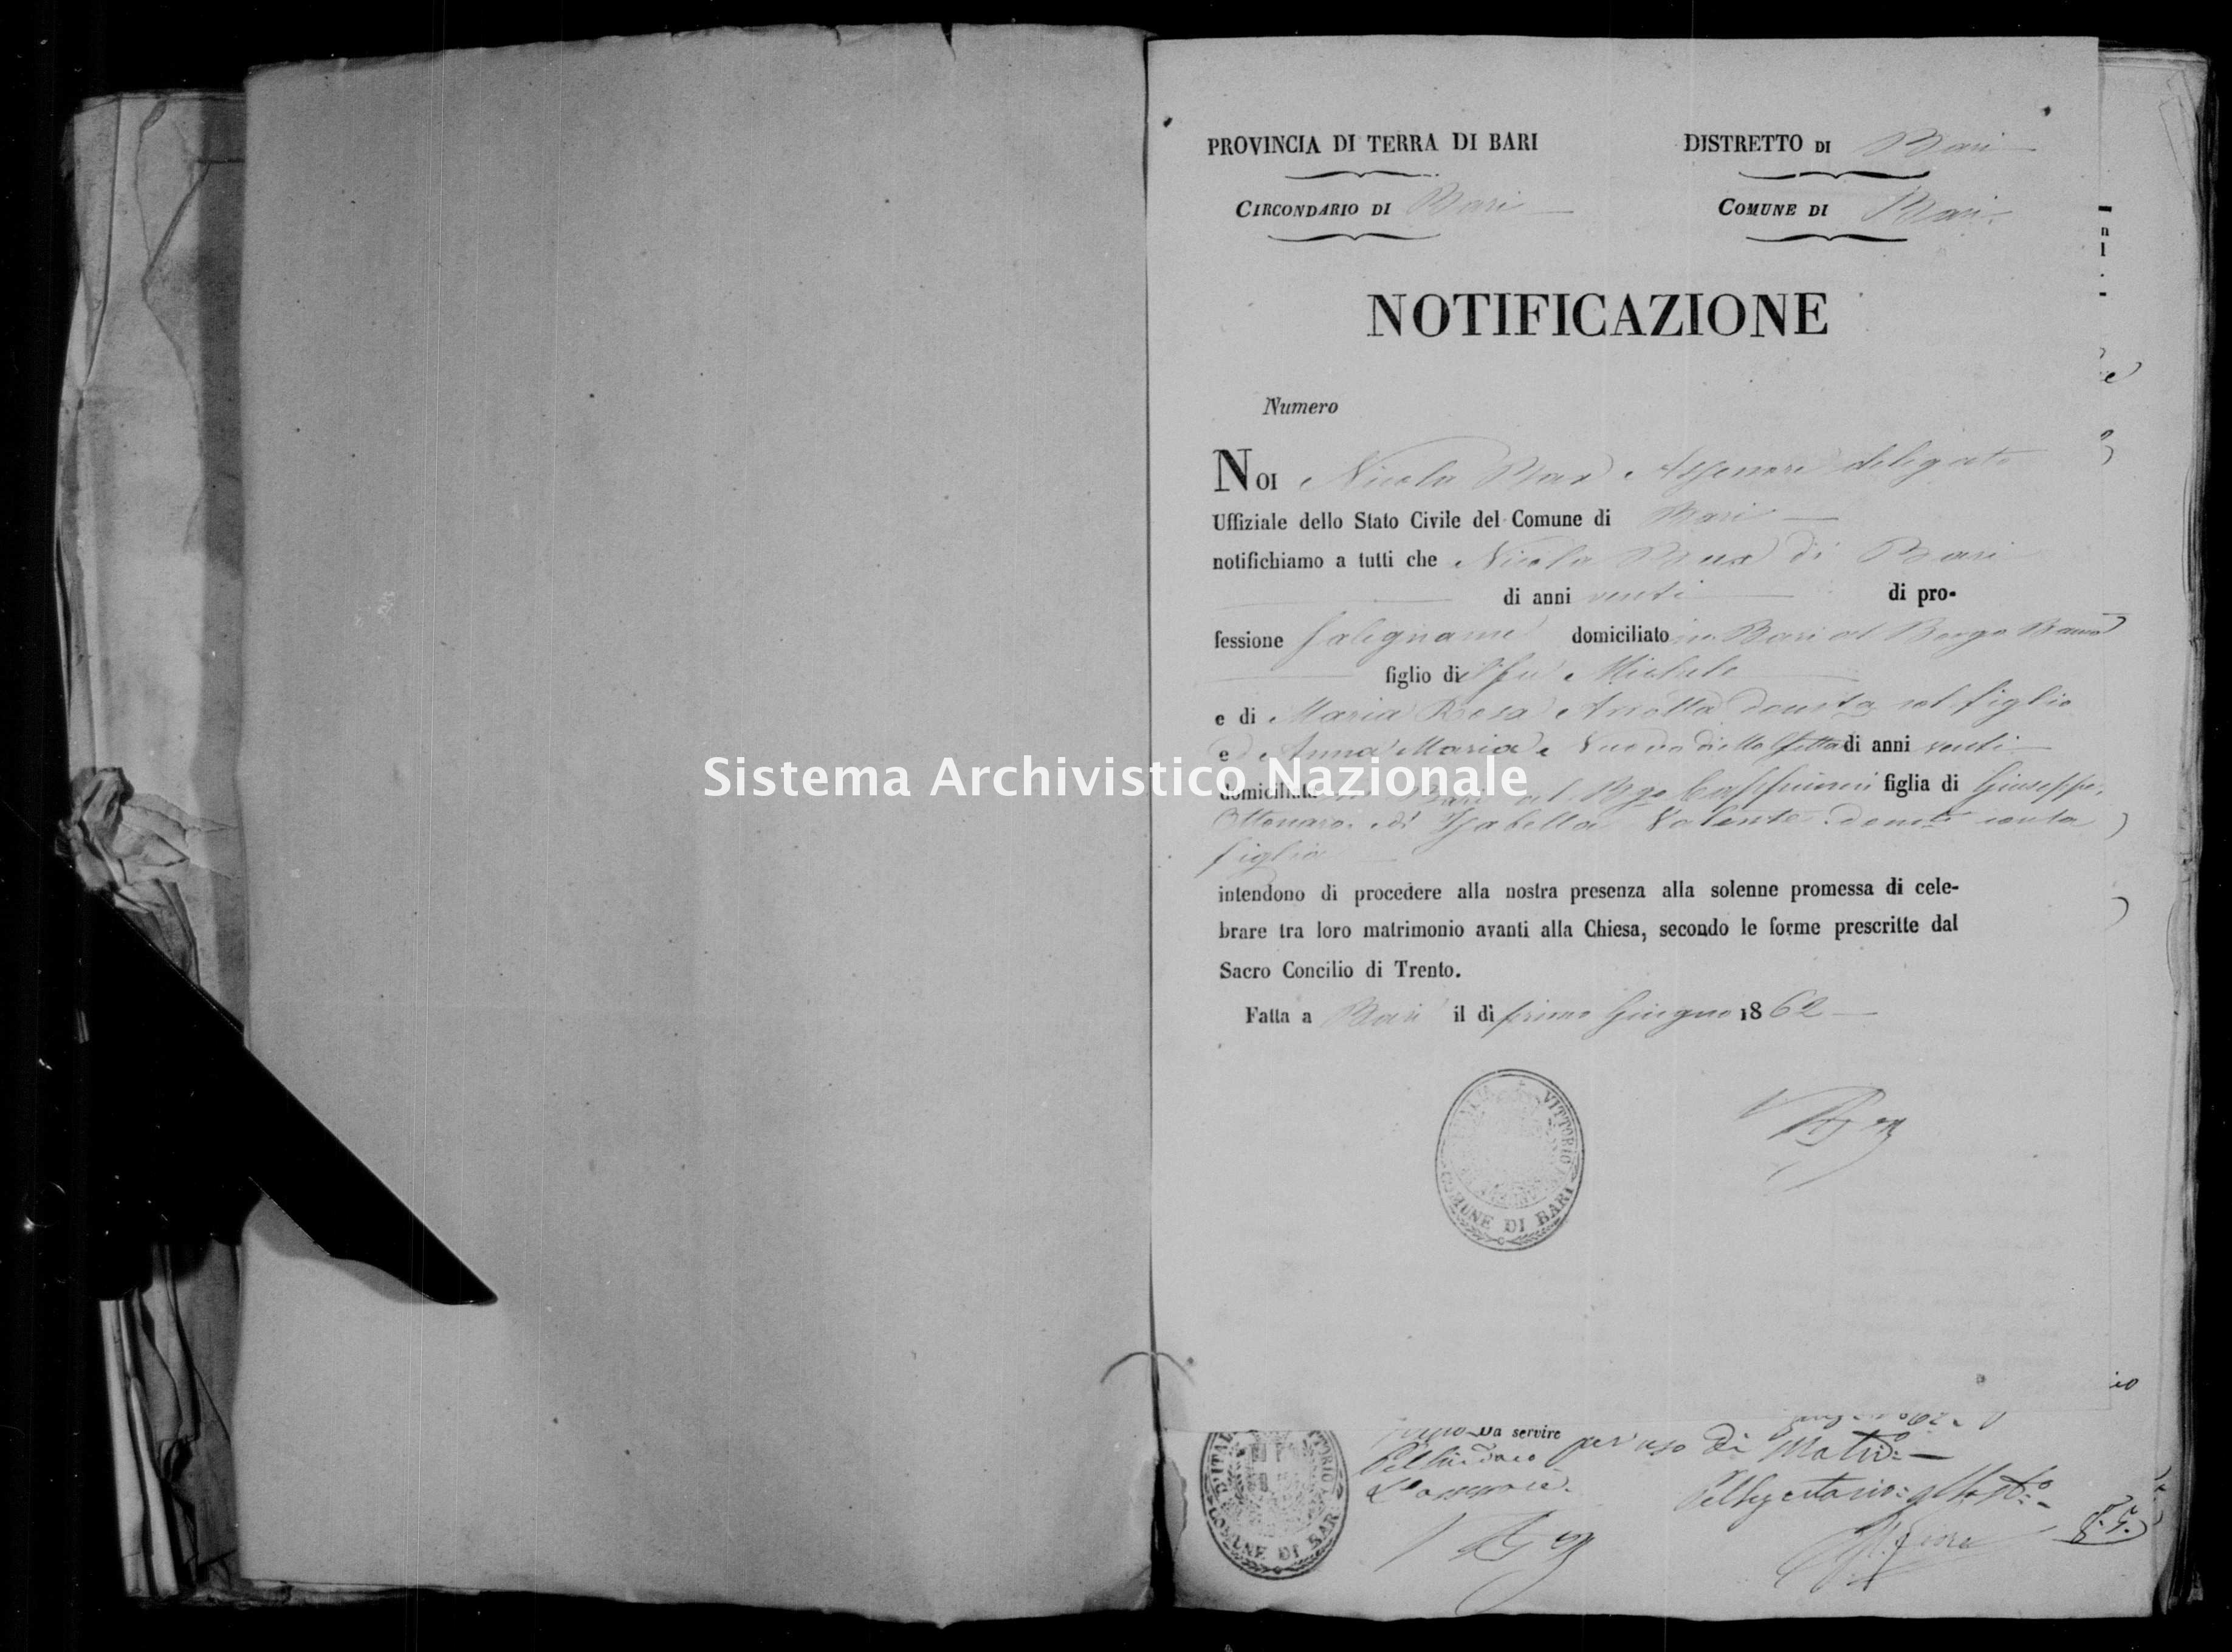 Archivio di stato di Bari - Stato civile italiano - Bari - Matrimoni, allegati - 1862 - Parte 3 -